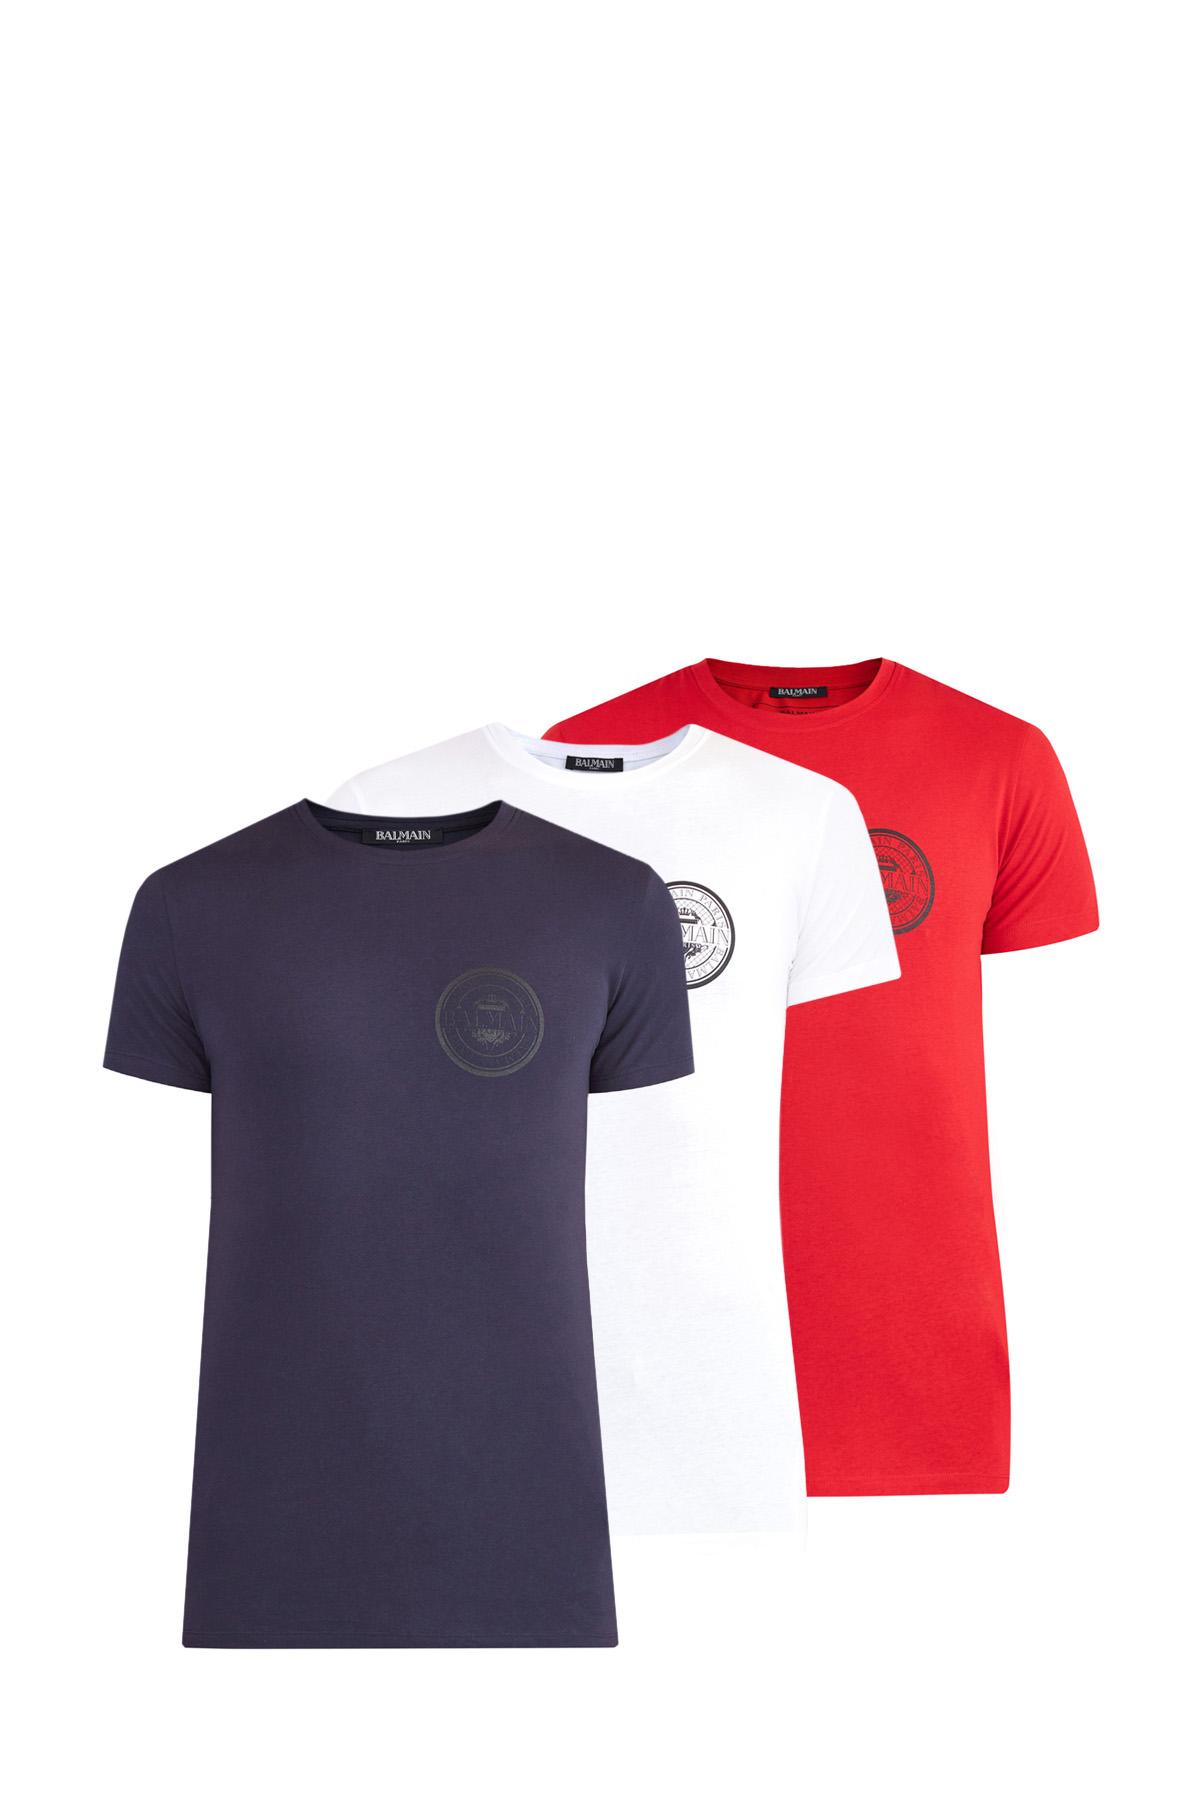 Купить Комплект футболок, BALMAIN, Италия, хлопок 100%